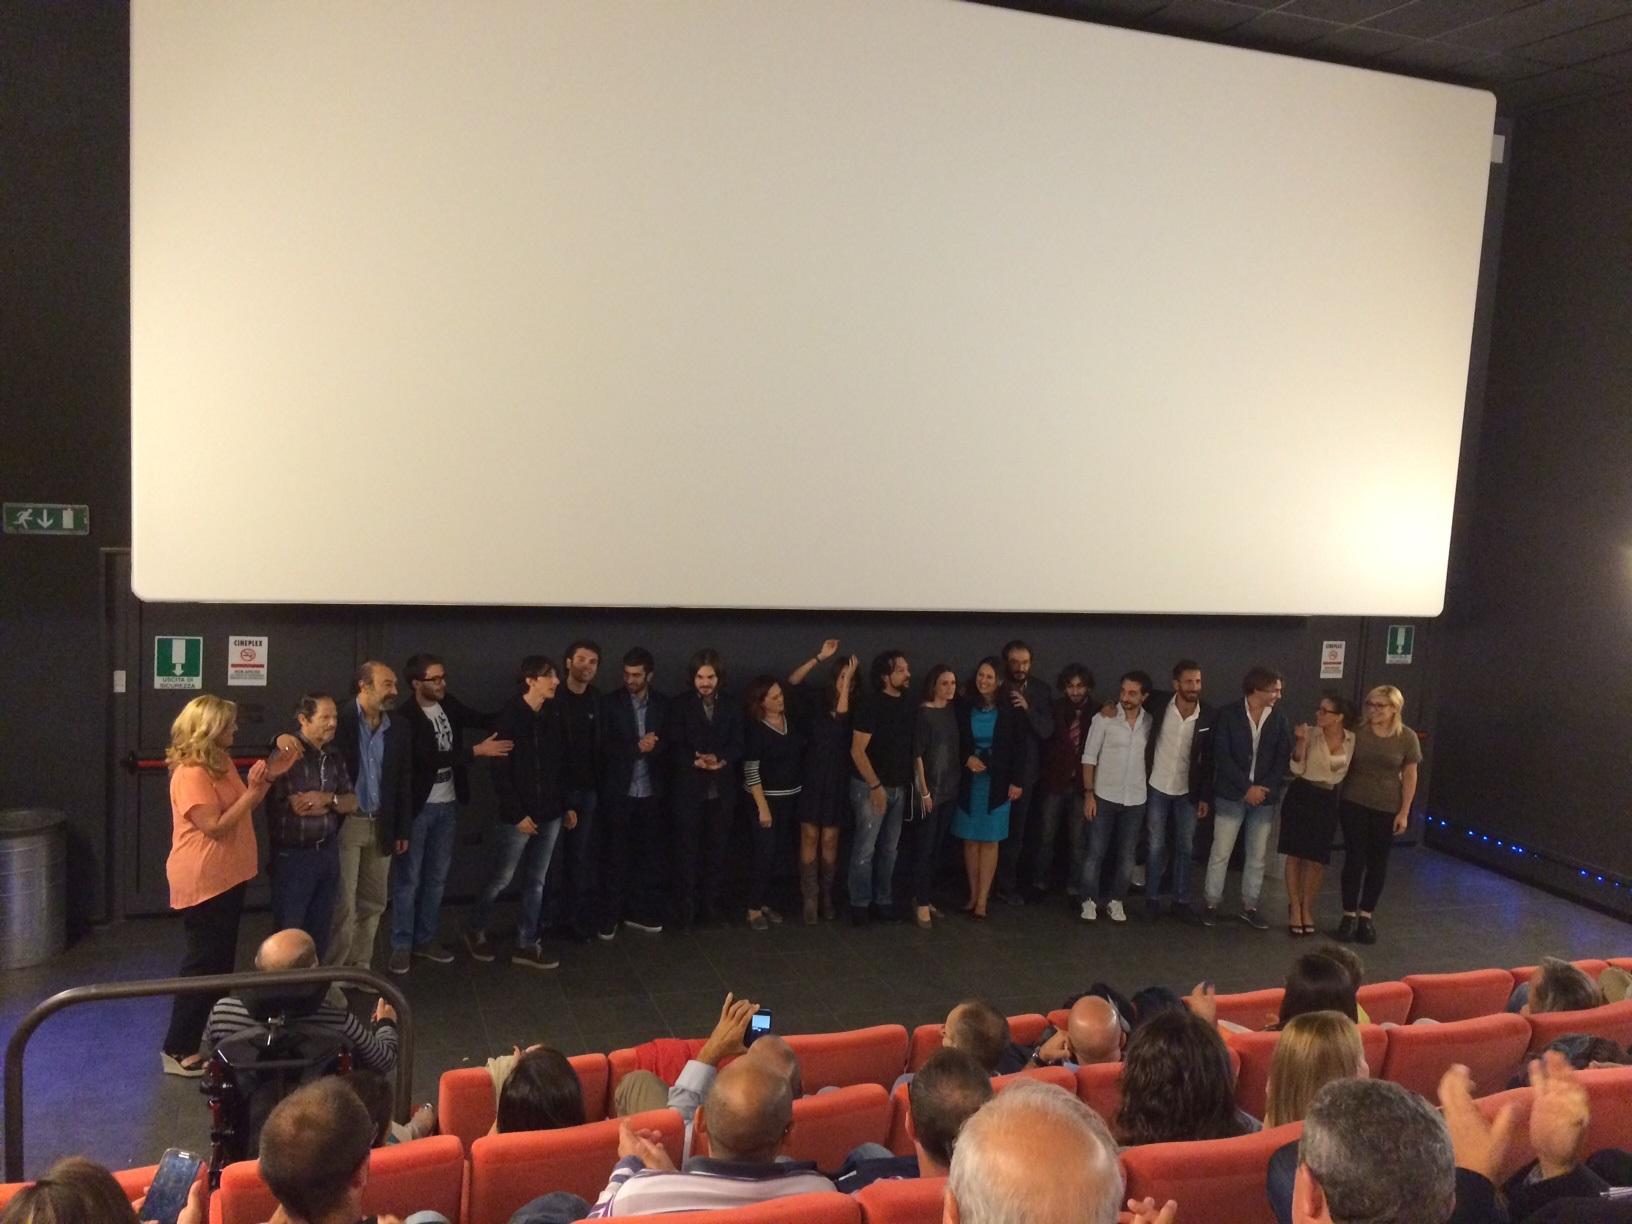 Dieci minuti di applausi per la prima di B.I.T.C.H. il film realizzato in terra iblea con attori ragusani